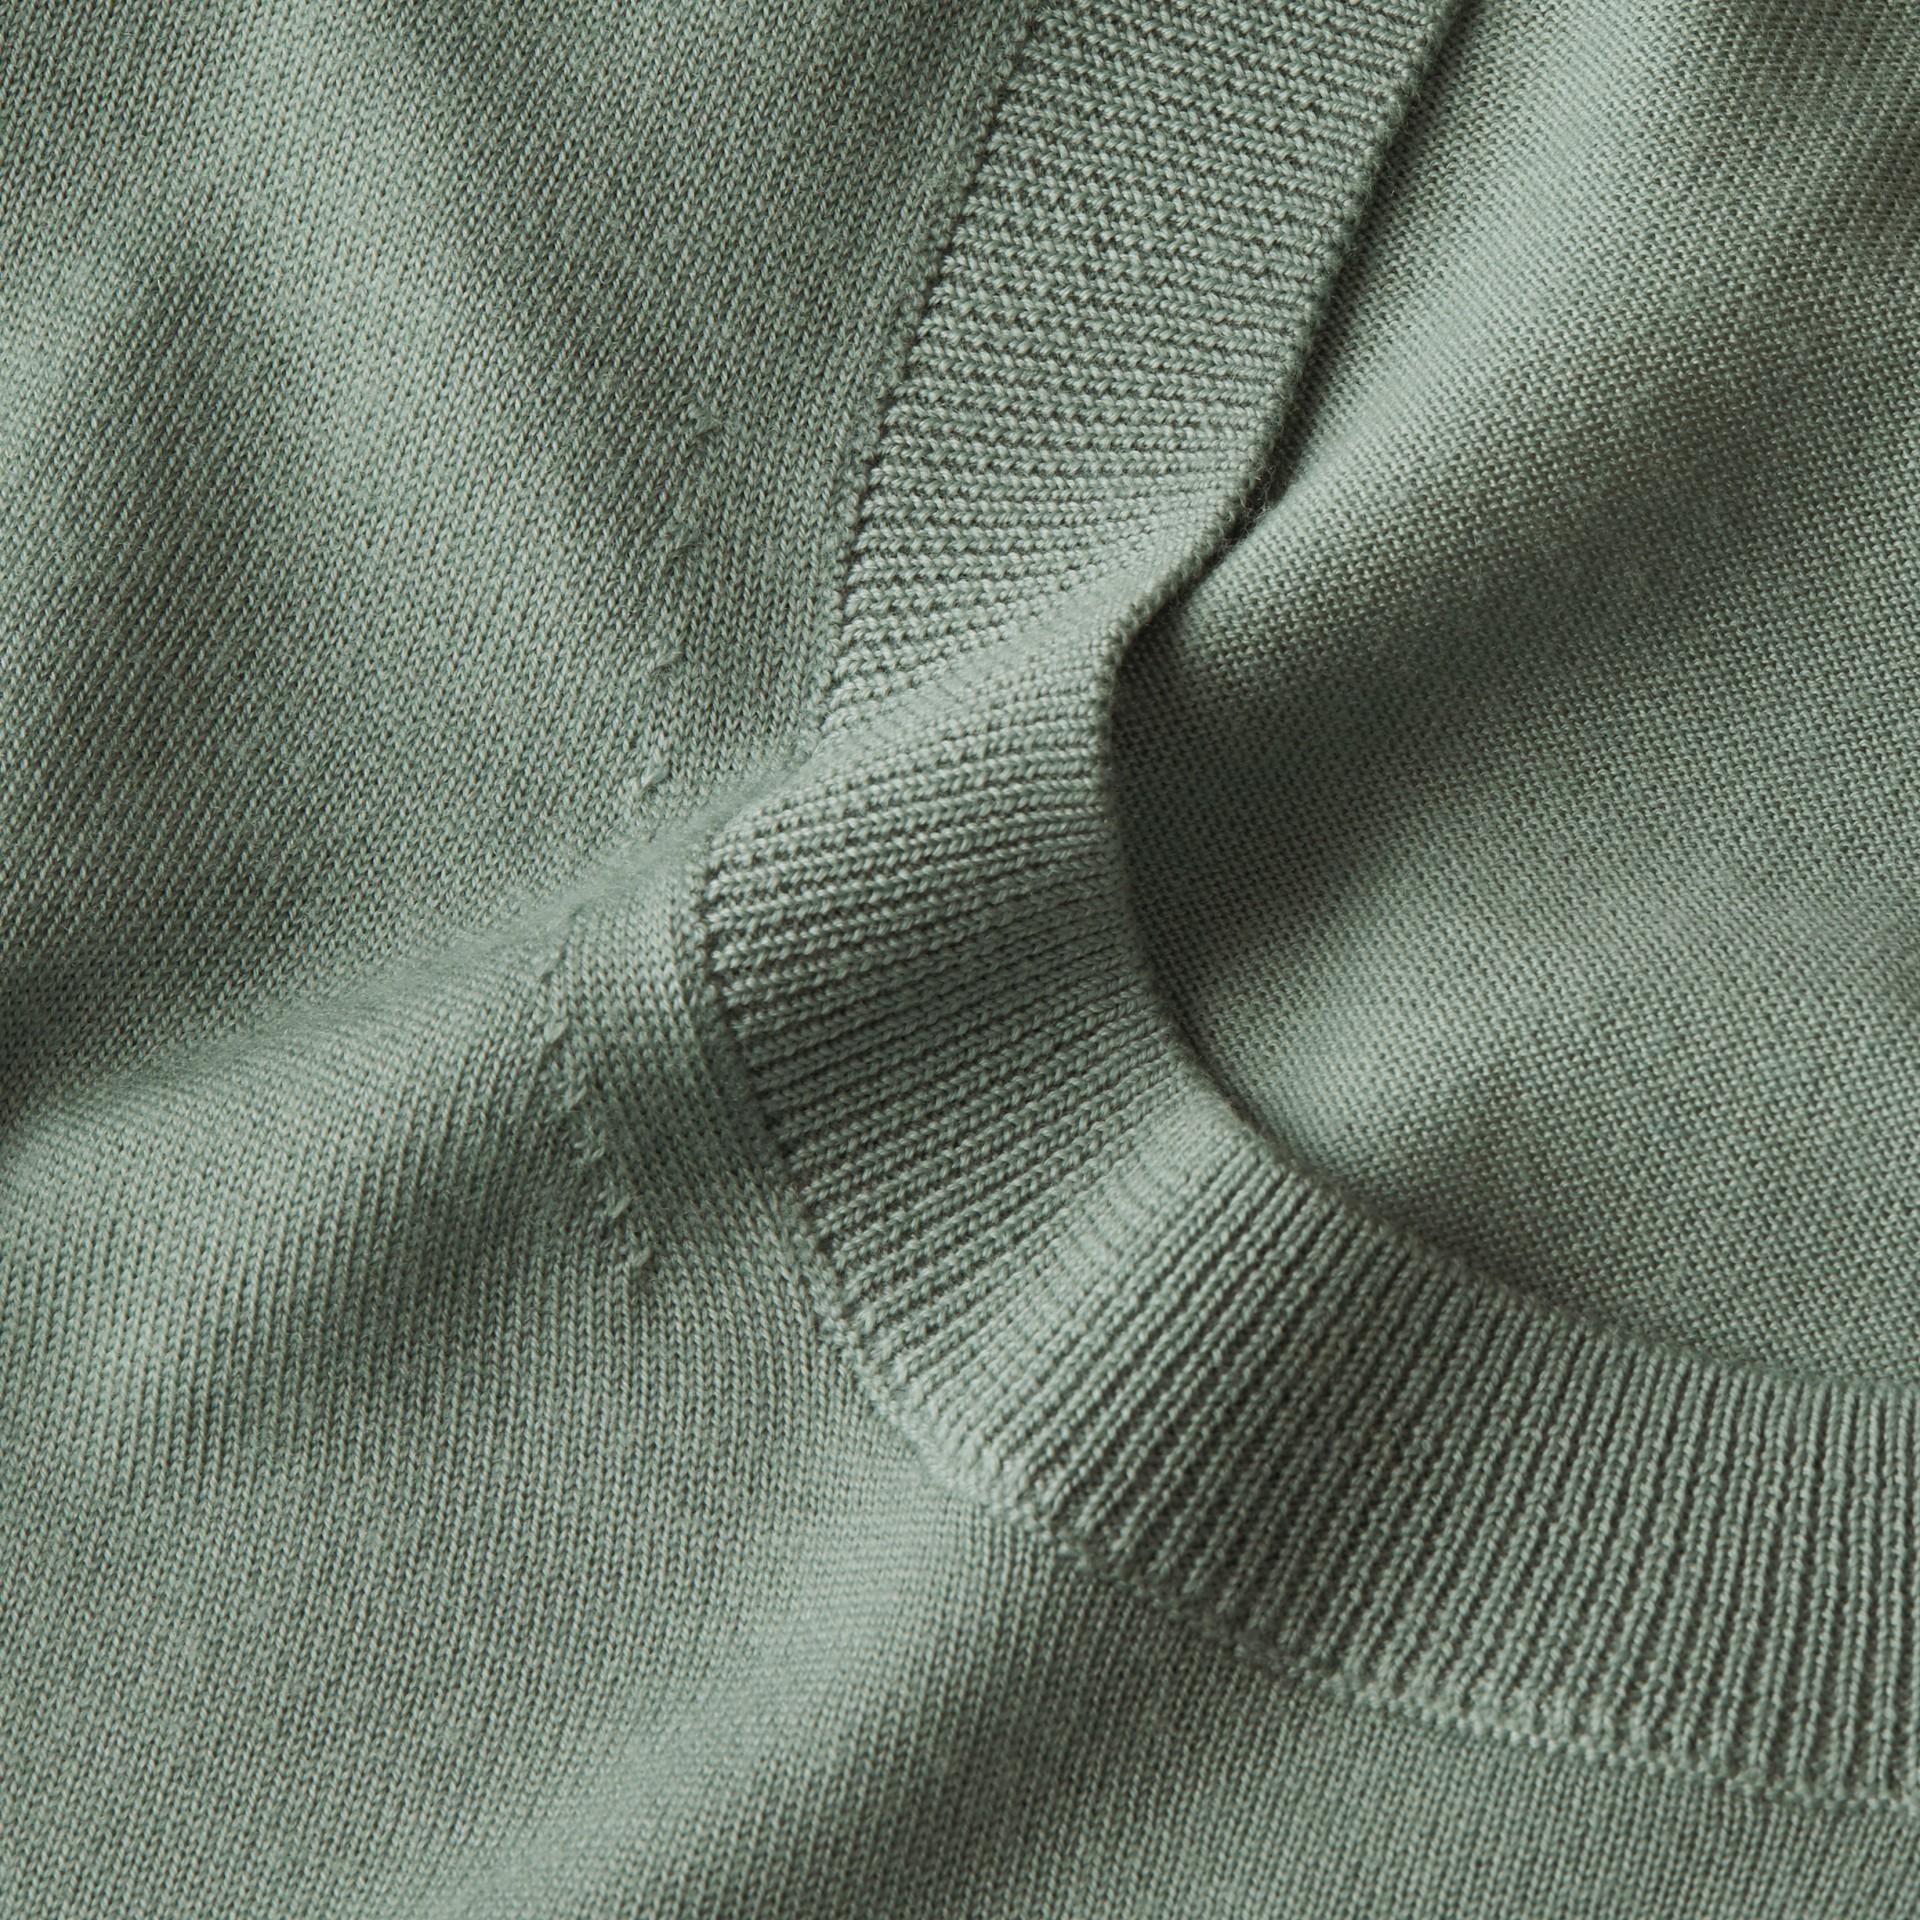 Зеленый эвкалипт Свитер из мериносовой шерсти с круглым вырезом Зеленый Эвкалипт - изображение 2